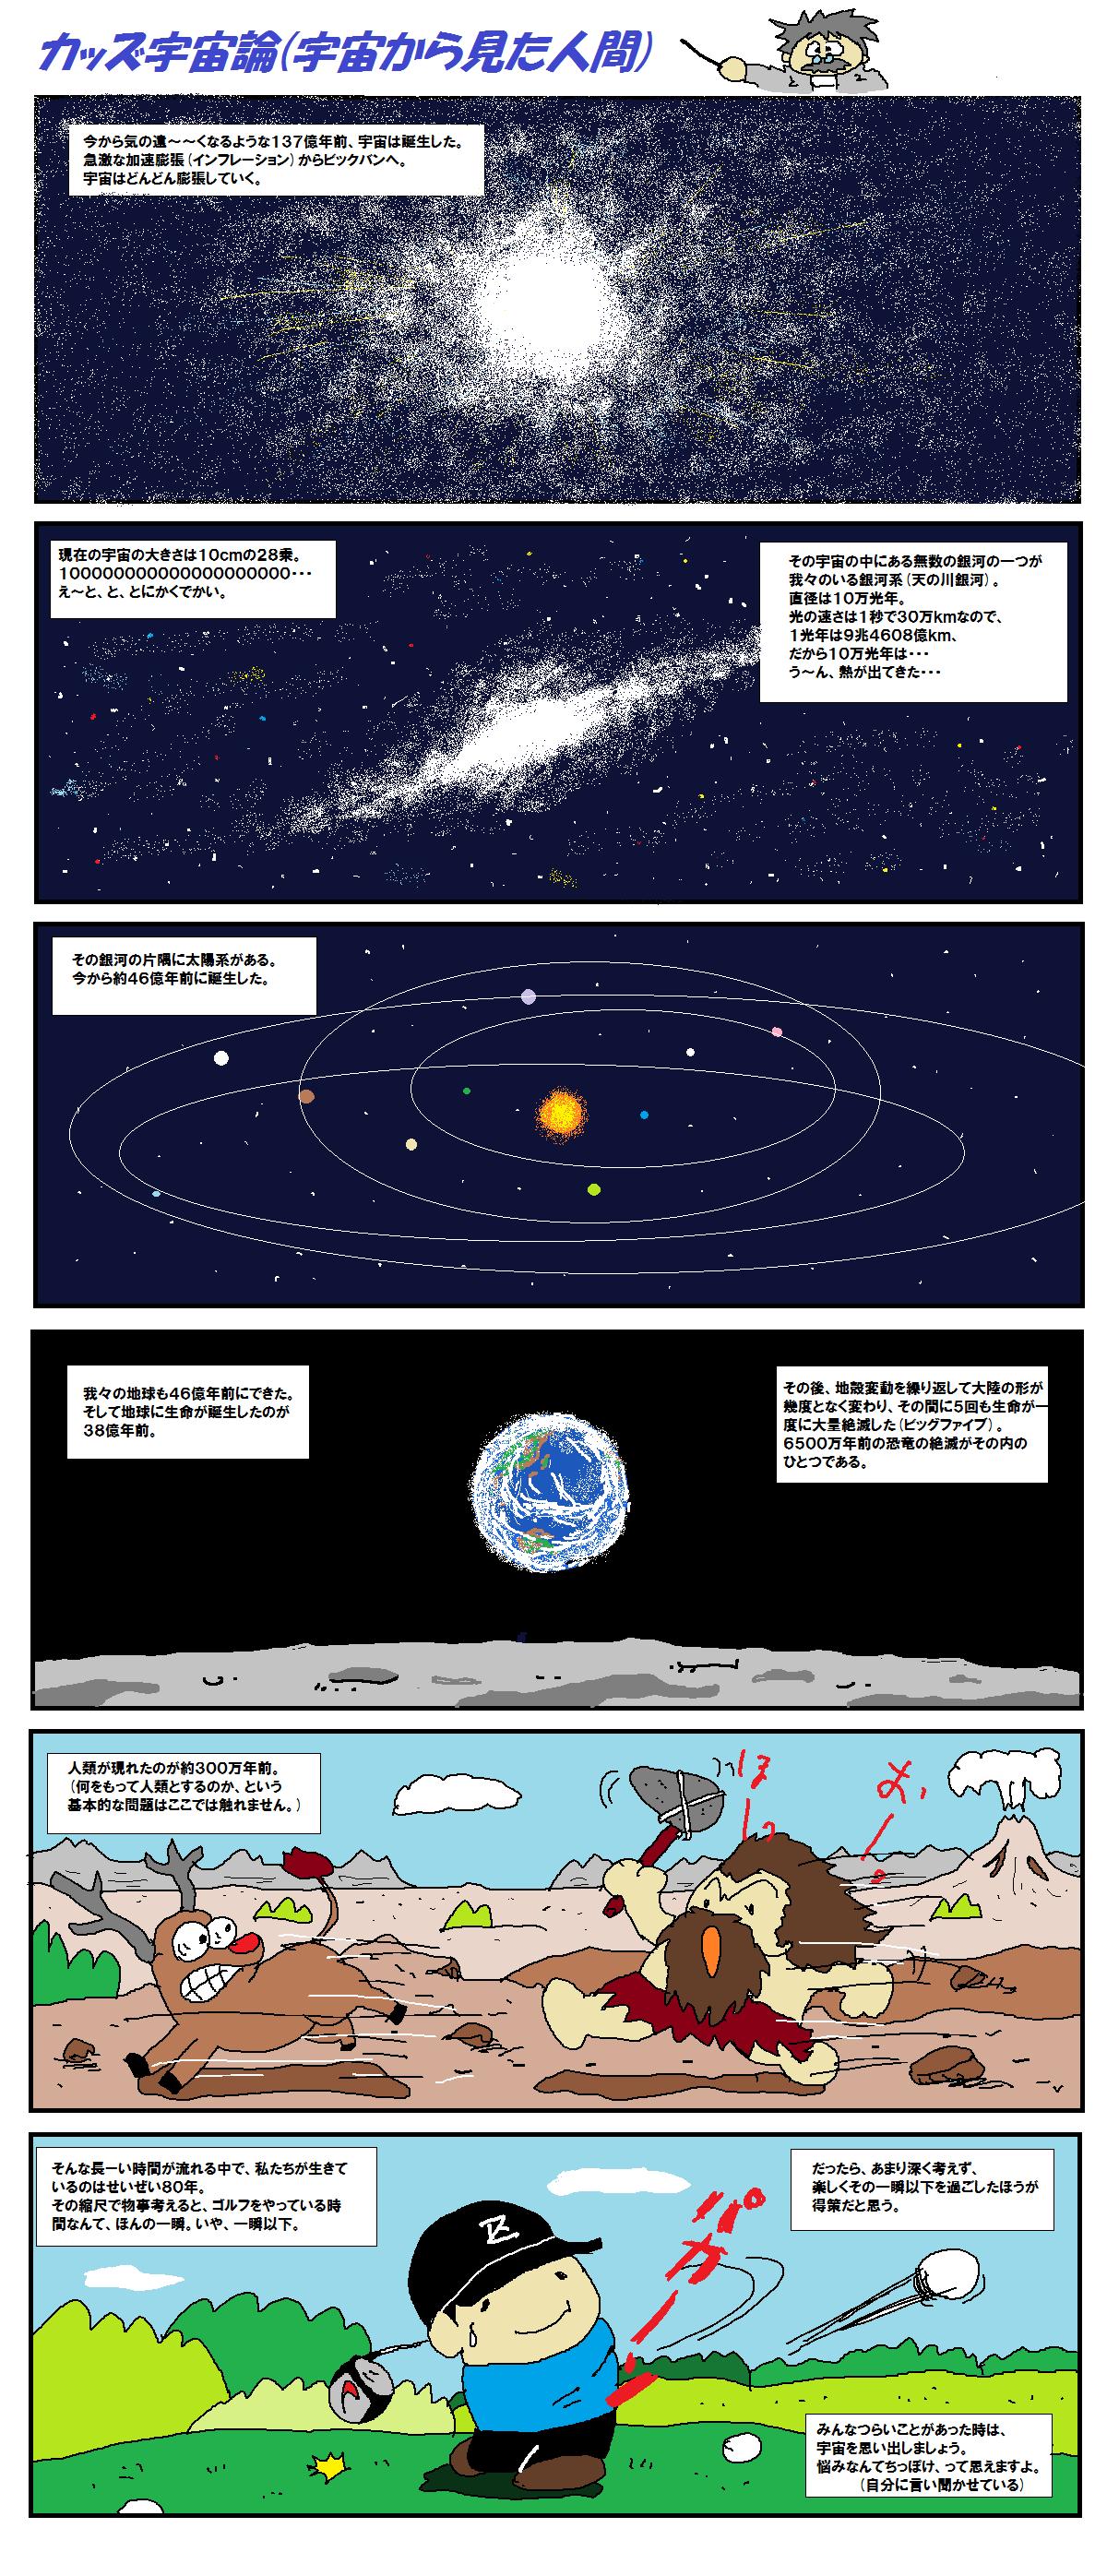 カッズ宇宙論